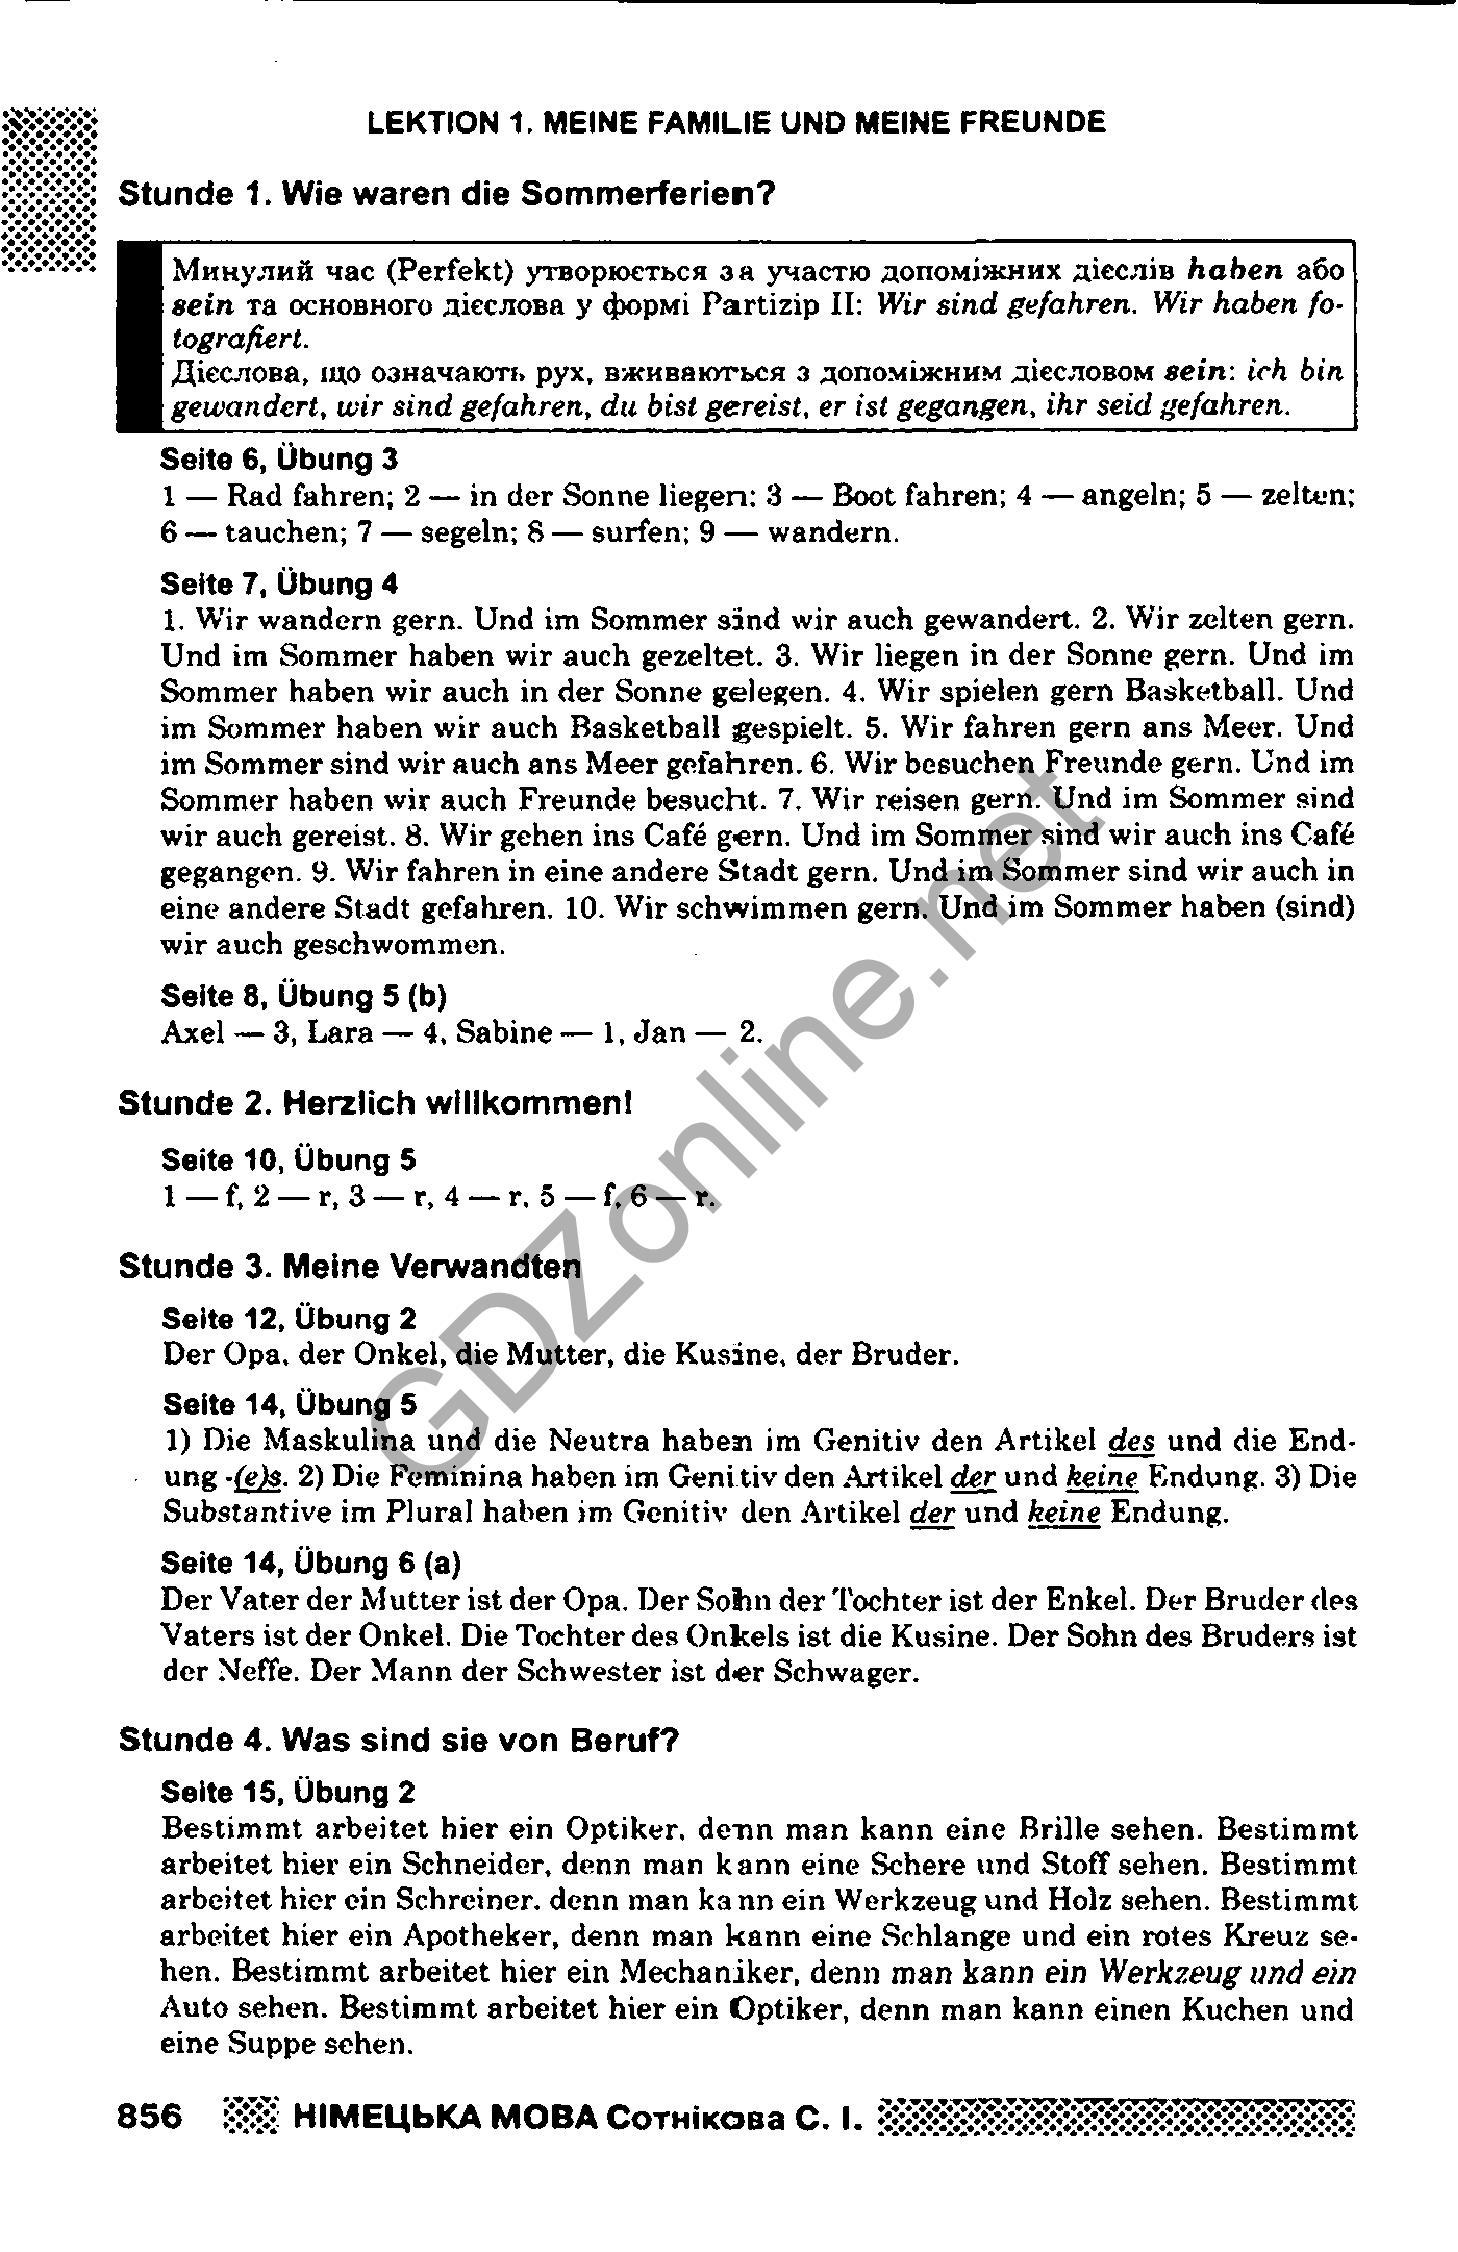 Немецкий язык 8 класс учебник сотникова скачать